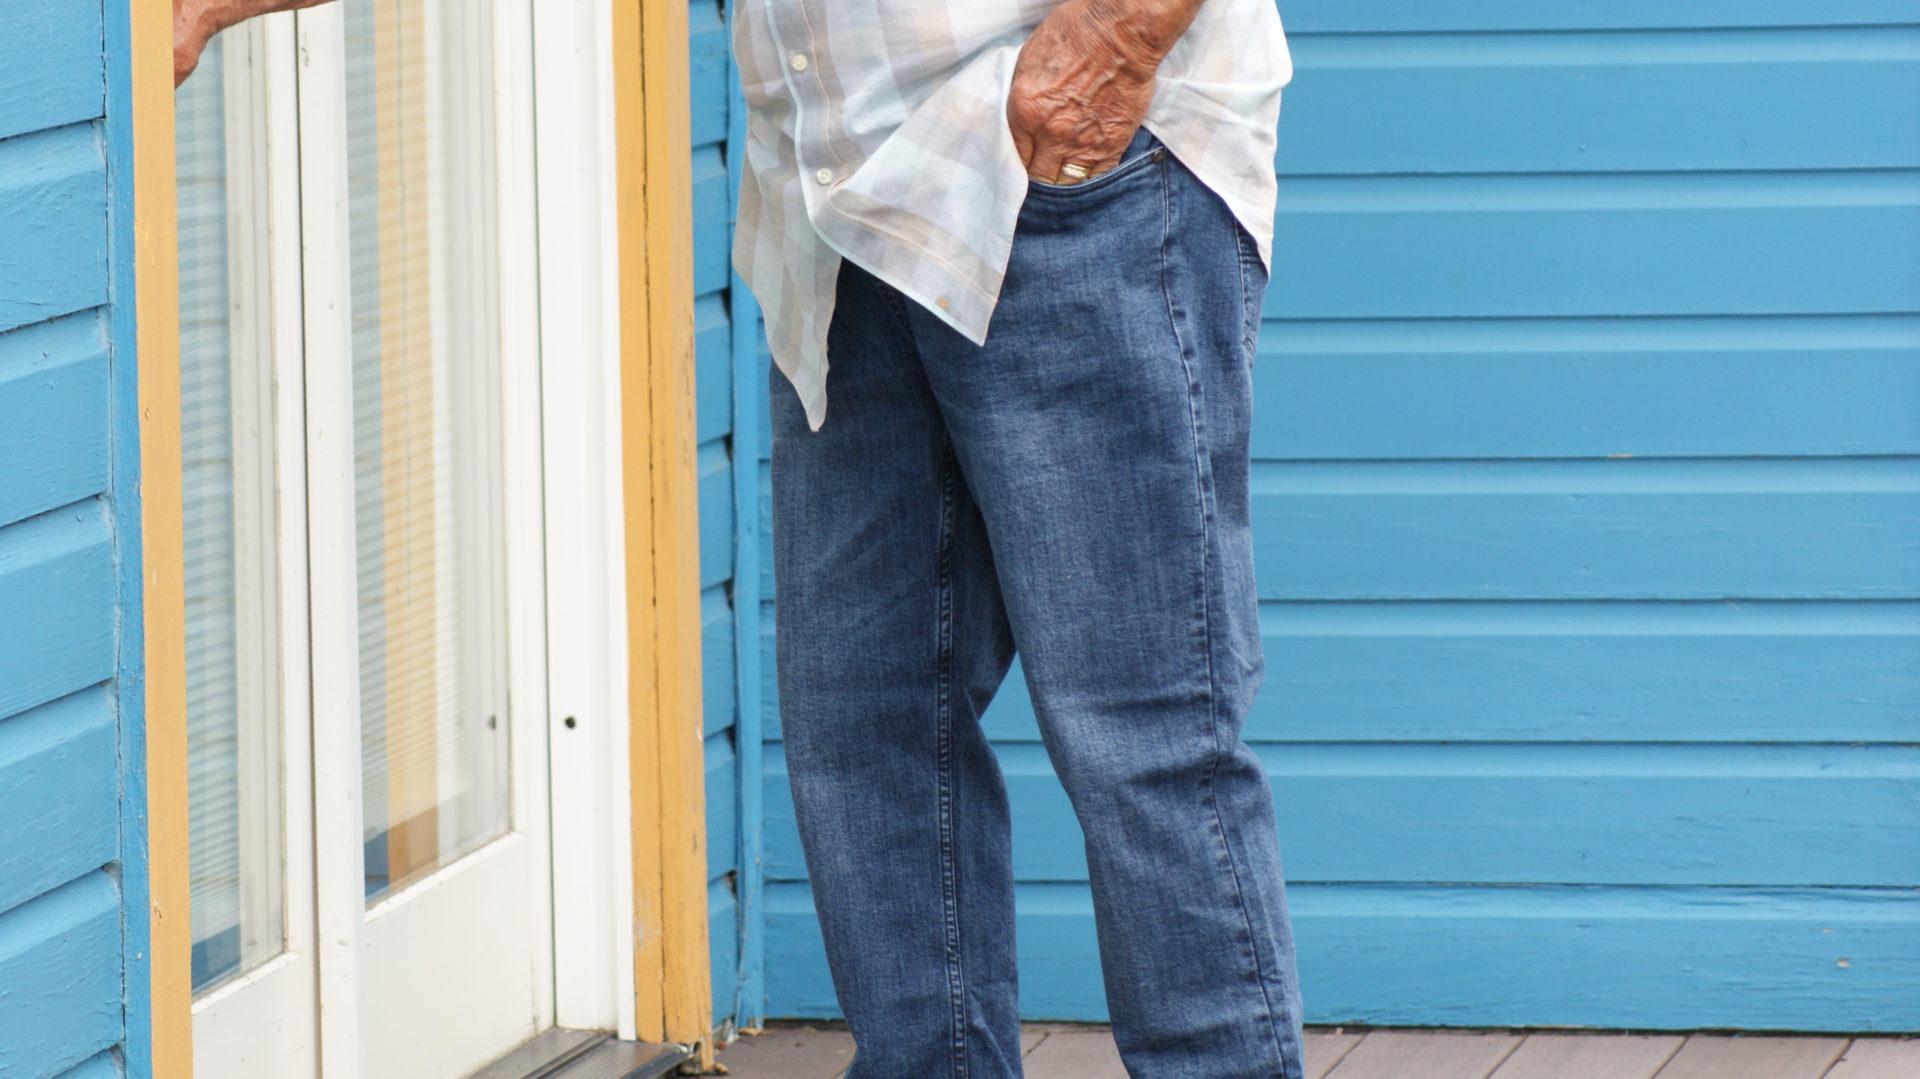 Jeans for Senior Men